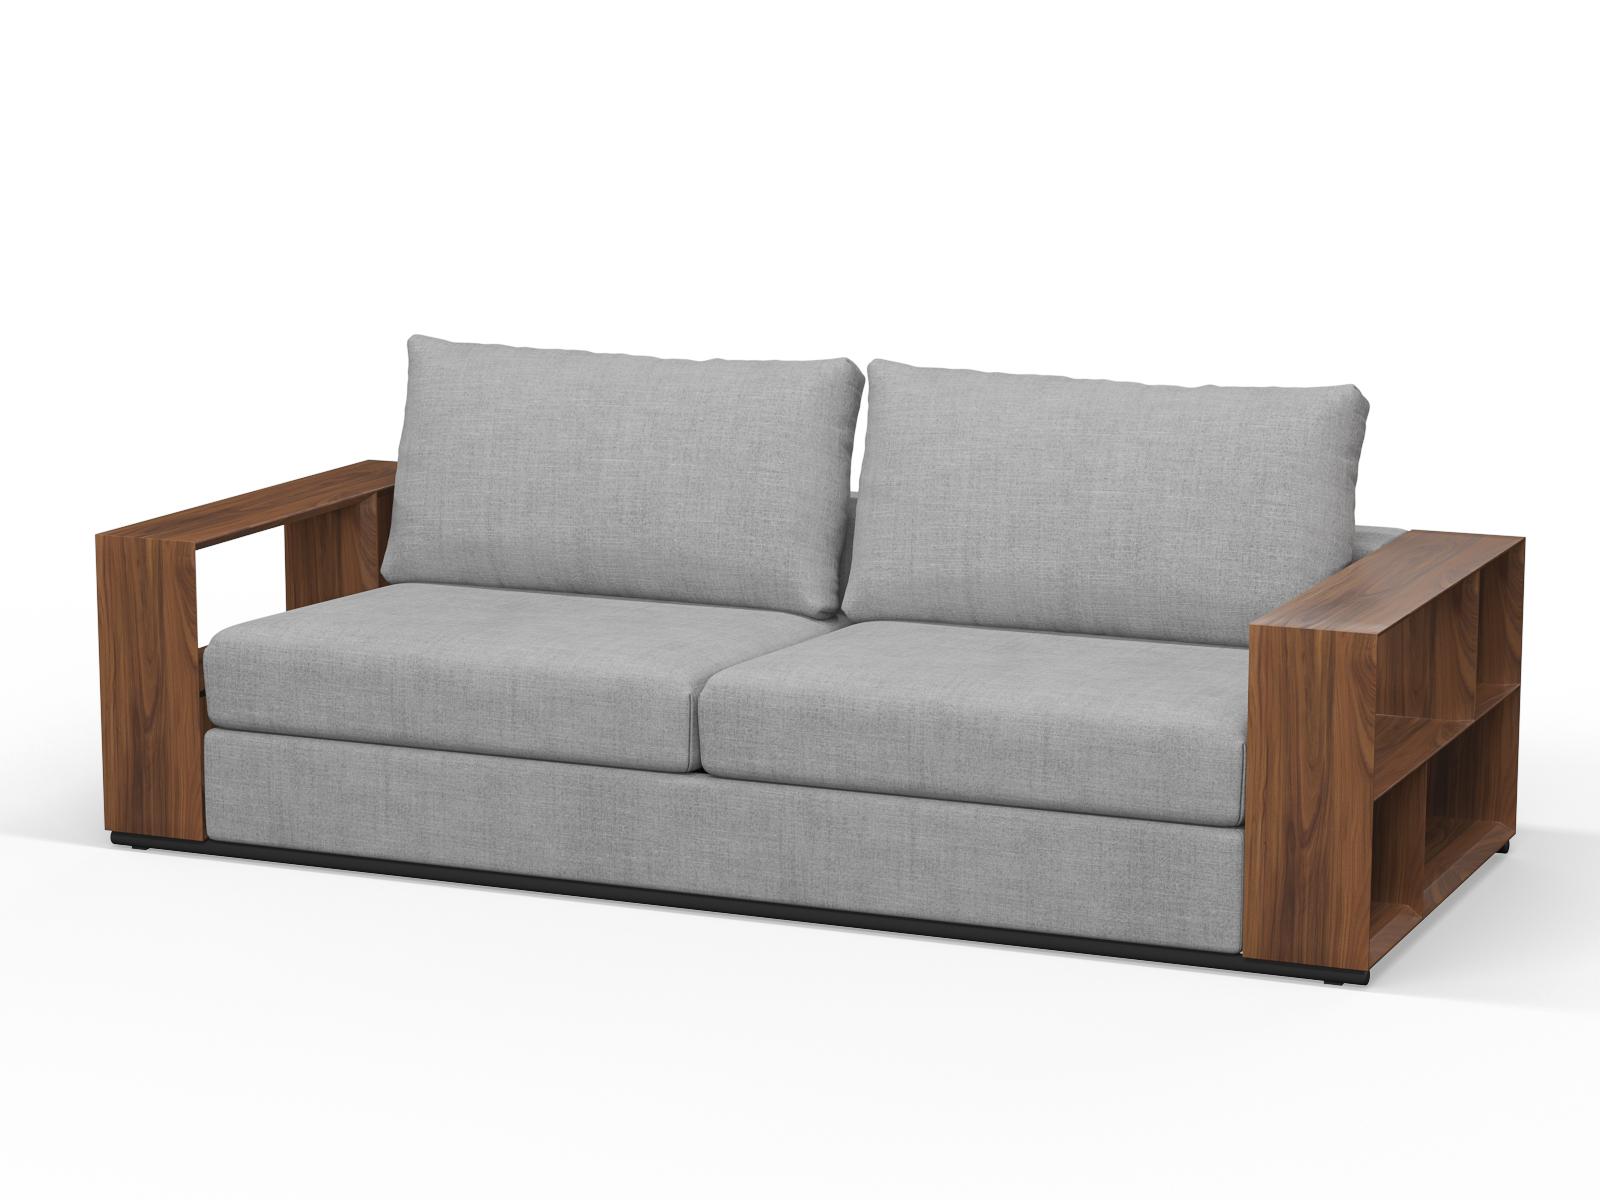 240cm x 100cm LTA RTA Walnut Timber